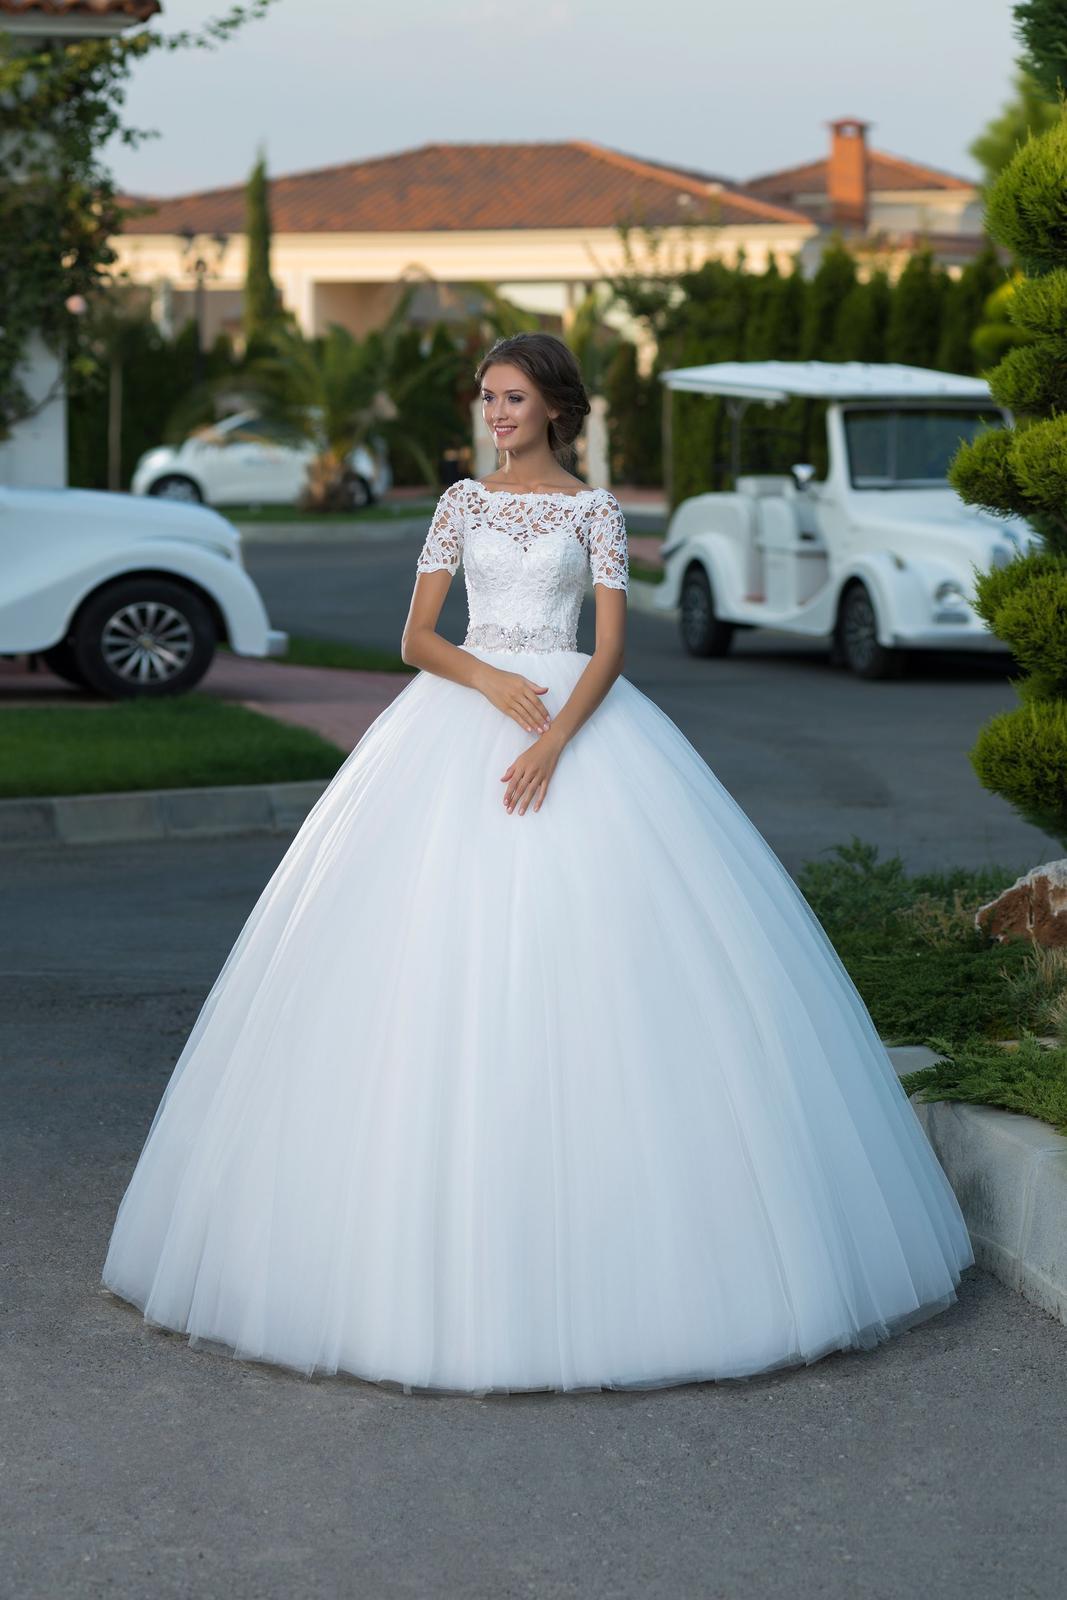 b5d3853ca40c Šitie svadobných šiat Sheila - - Svadobné šaty